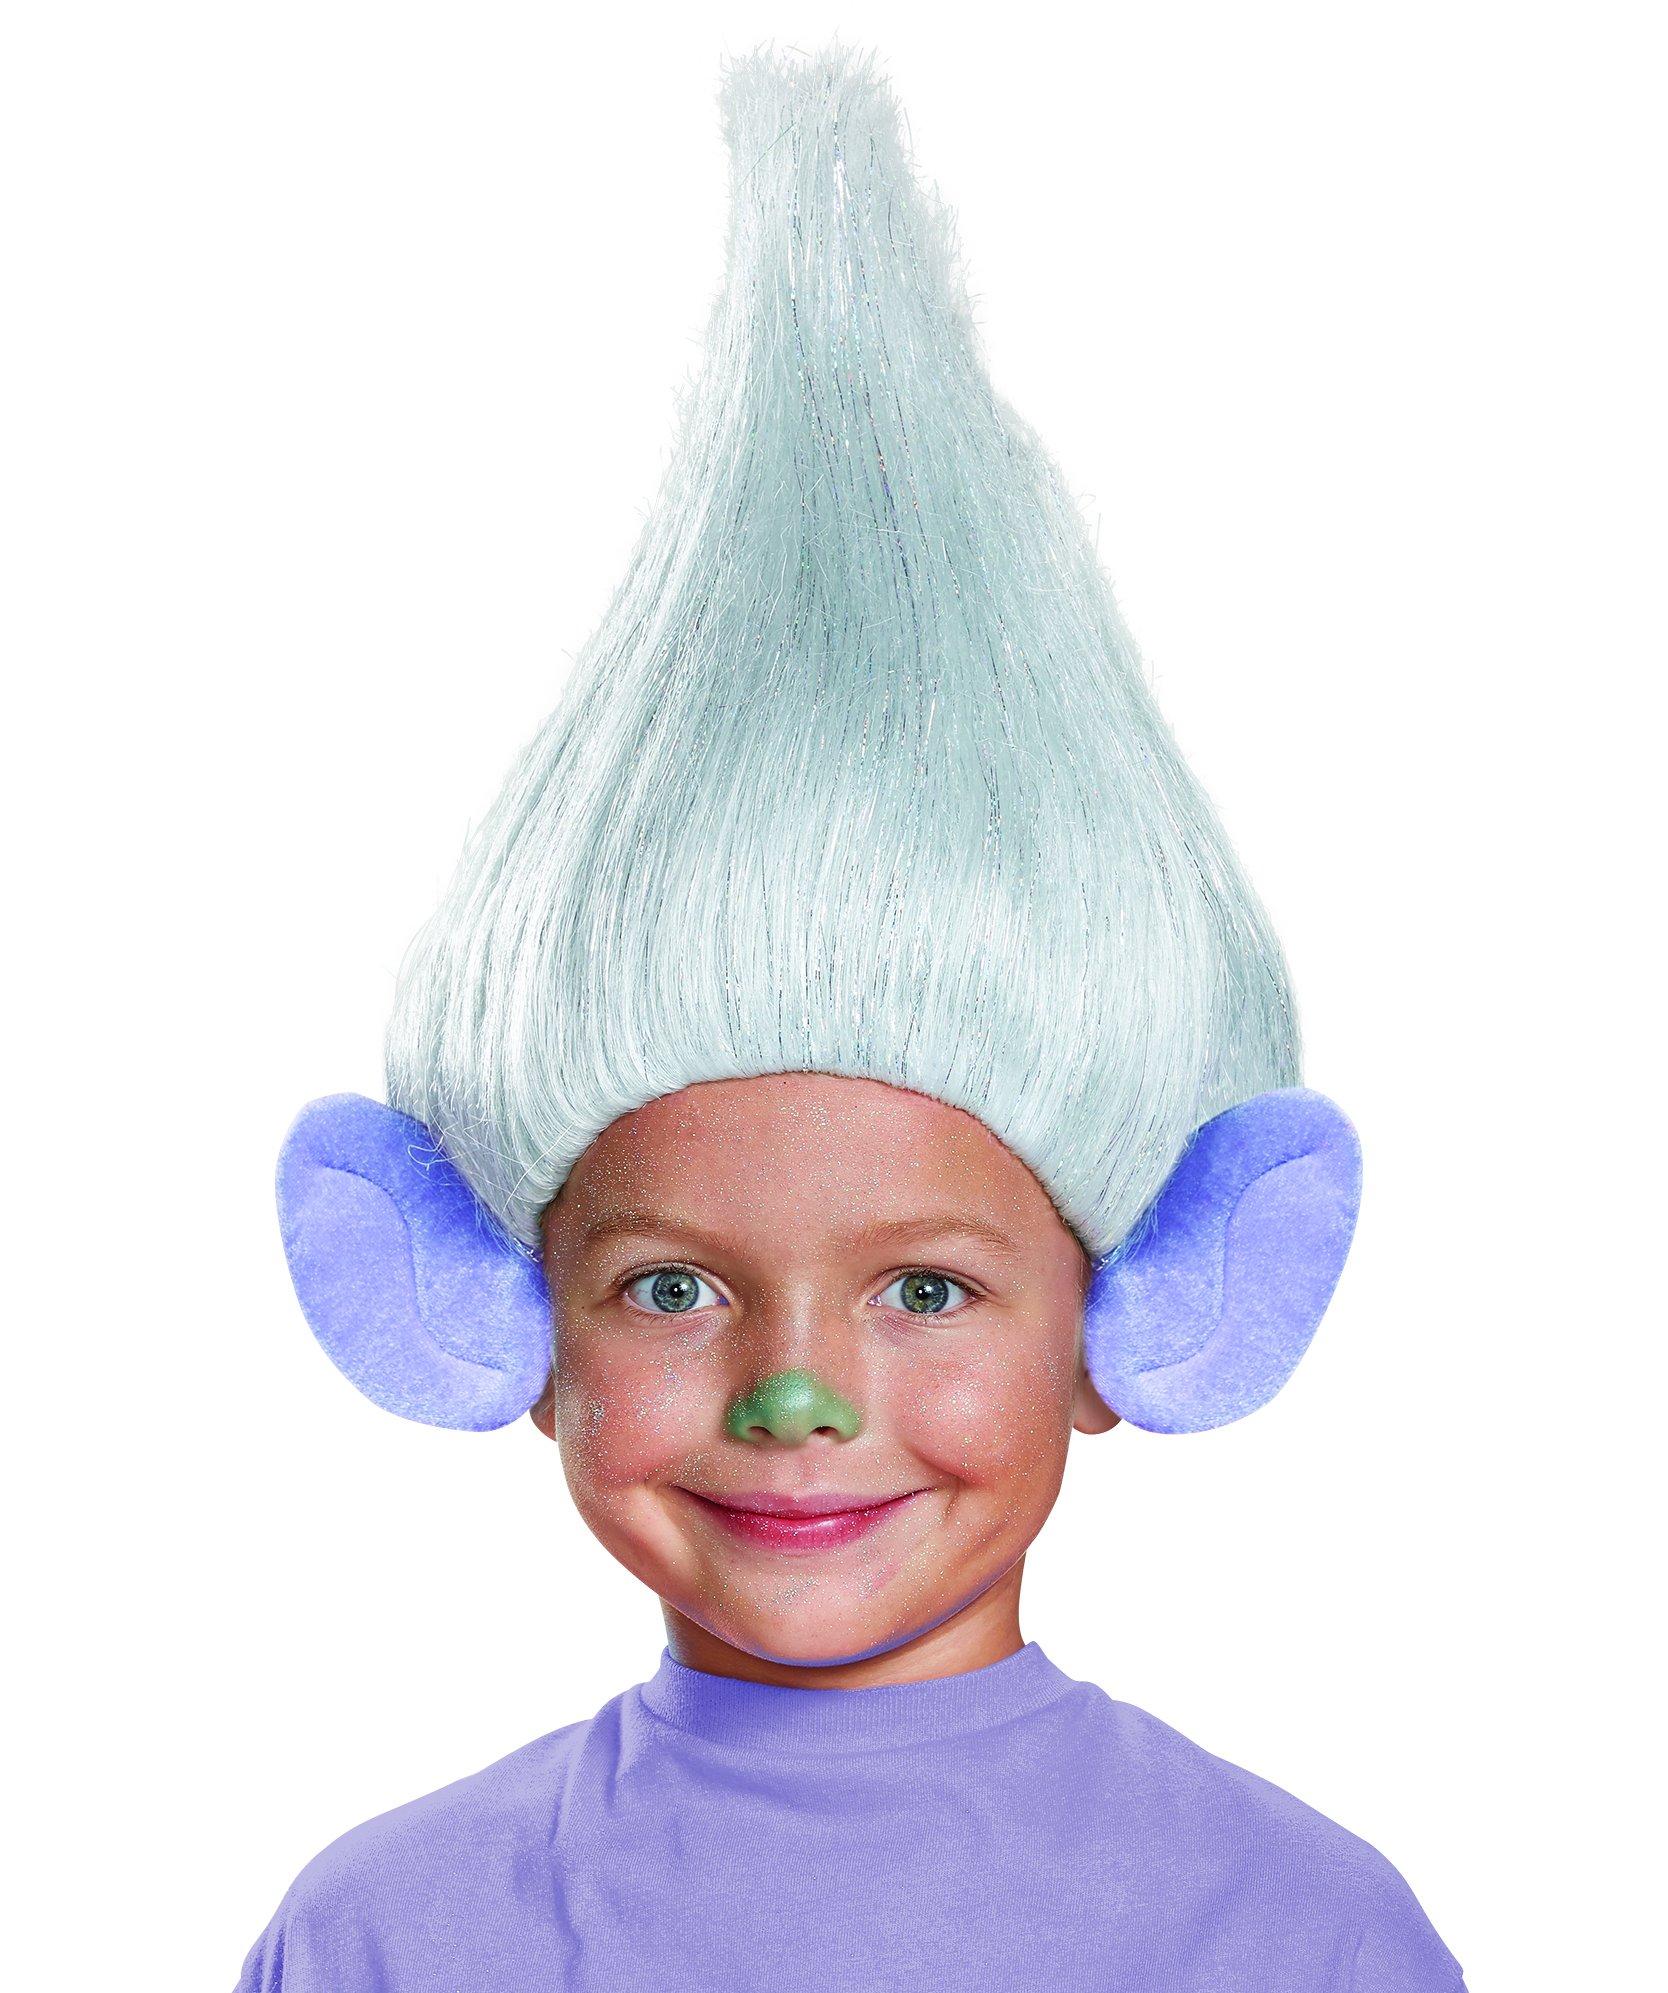 Guy Diamond Child Trolls Wig, One Size